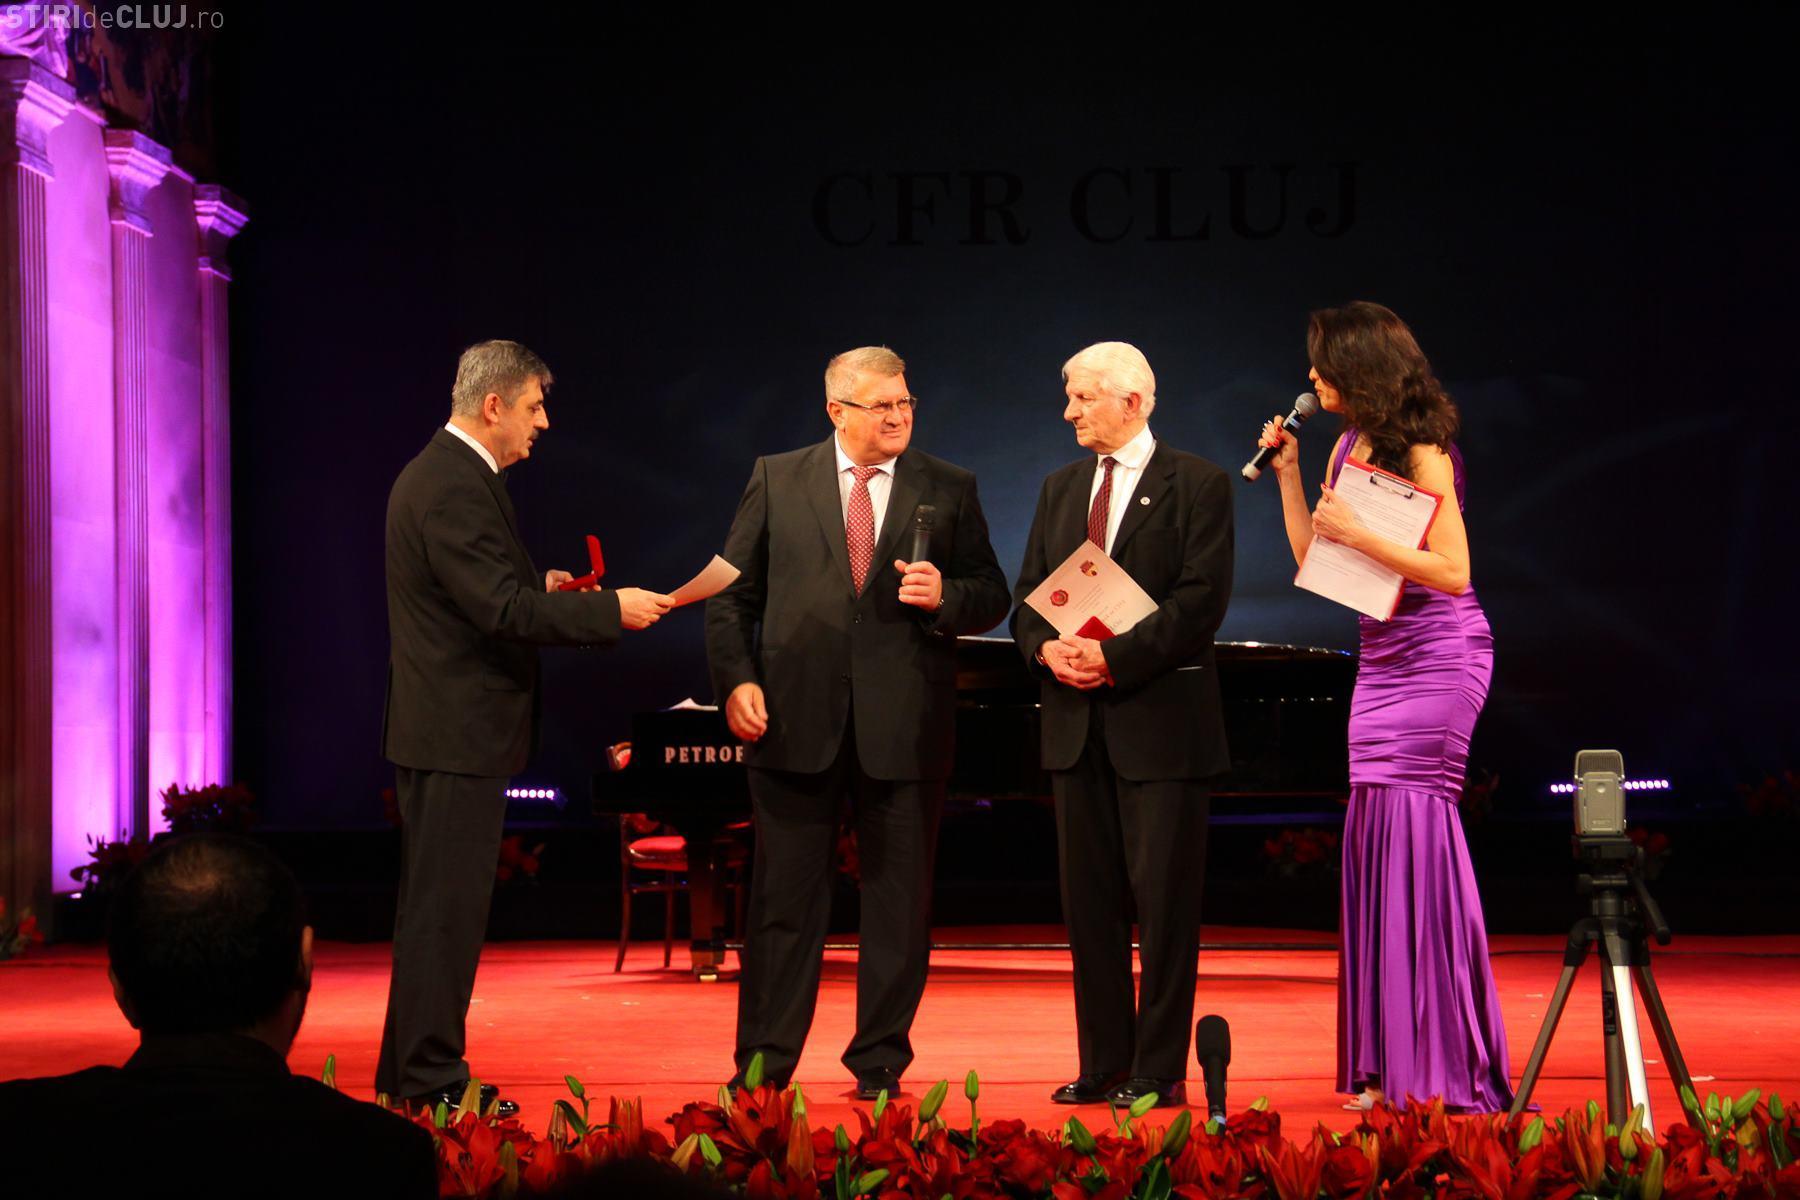 Moment de normalitate! Iuliu Mureșan și Remus Câmpeanu s-au pupat și au dat mâna bărbătește - FOTO